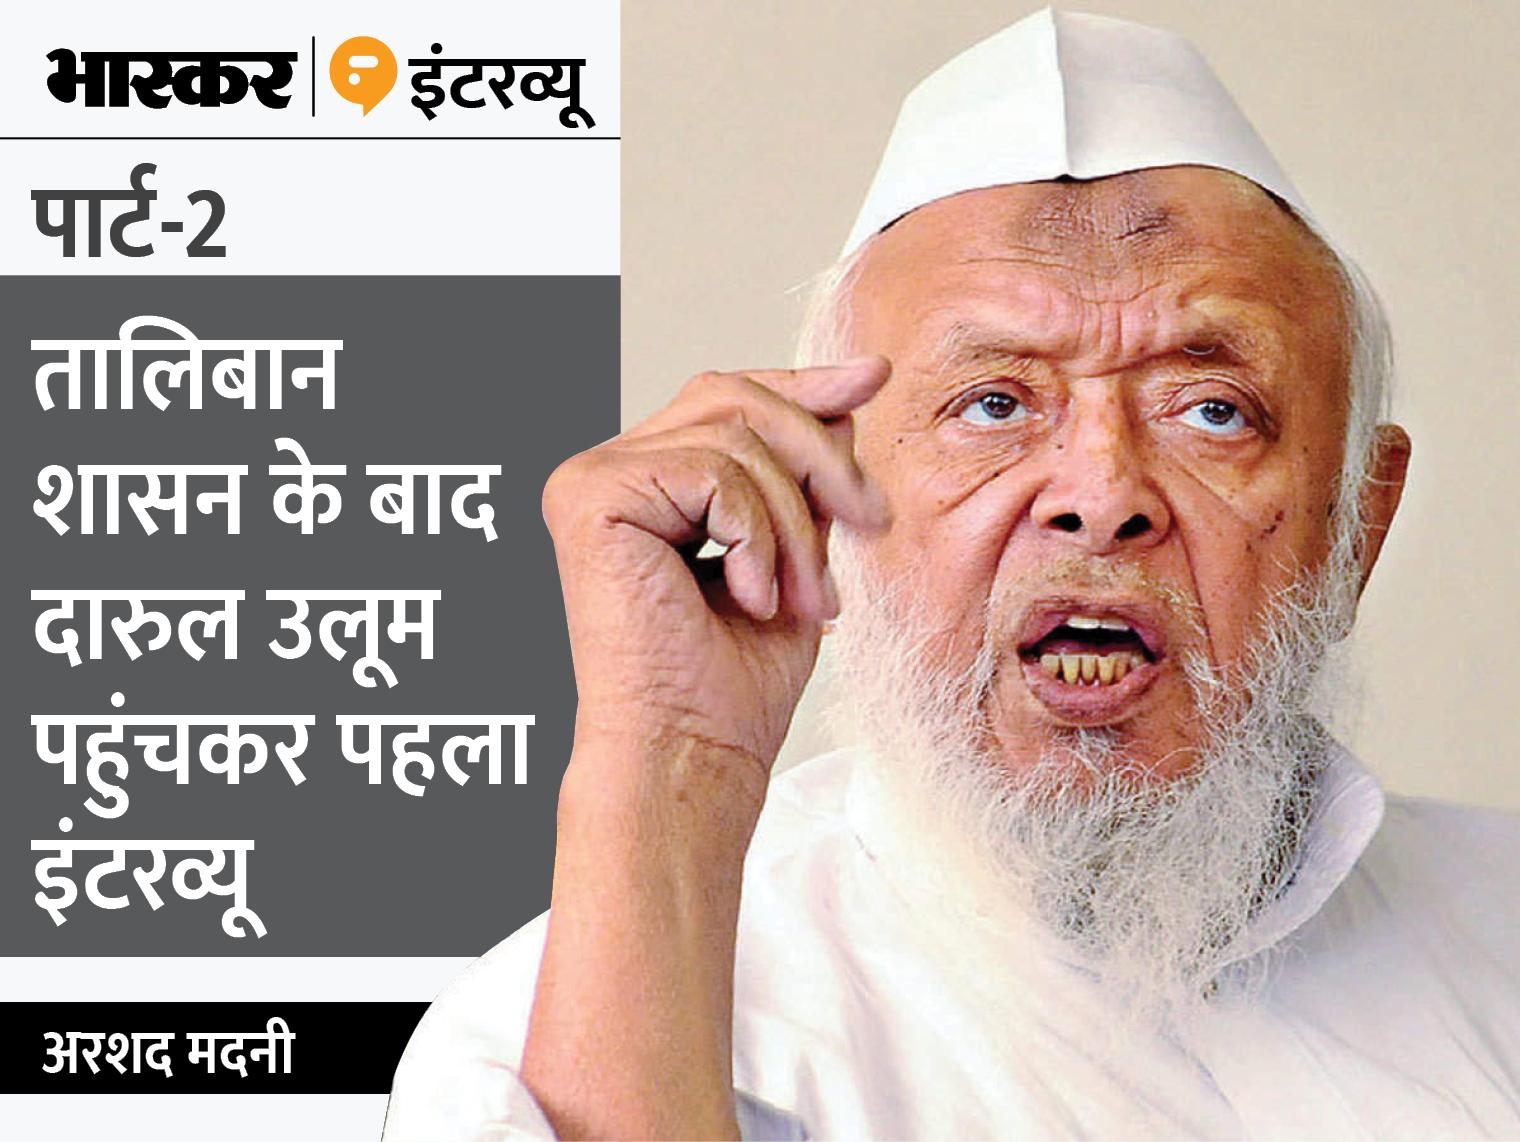 अरशद मदनी ने कहा- हिंदुओं और मुसलमानों के पूर्वज एक ही हैं, RSS प्रमुख ने कुछ भी गलत नहीं कहा, मैं तो मानता हूं संघ अब सही रास्ते पर है|DB ओरिजिनल,DB Original - Dainik Bhaskar